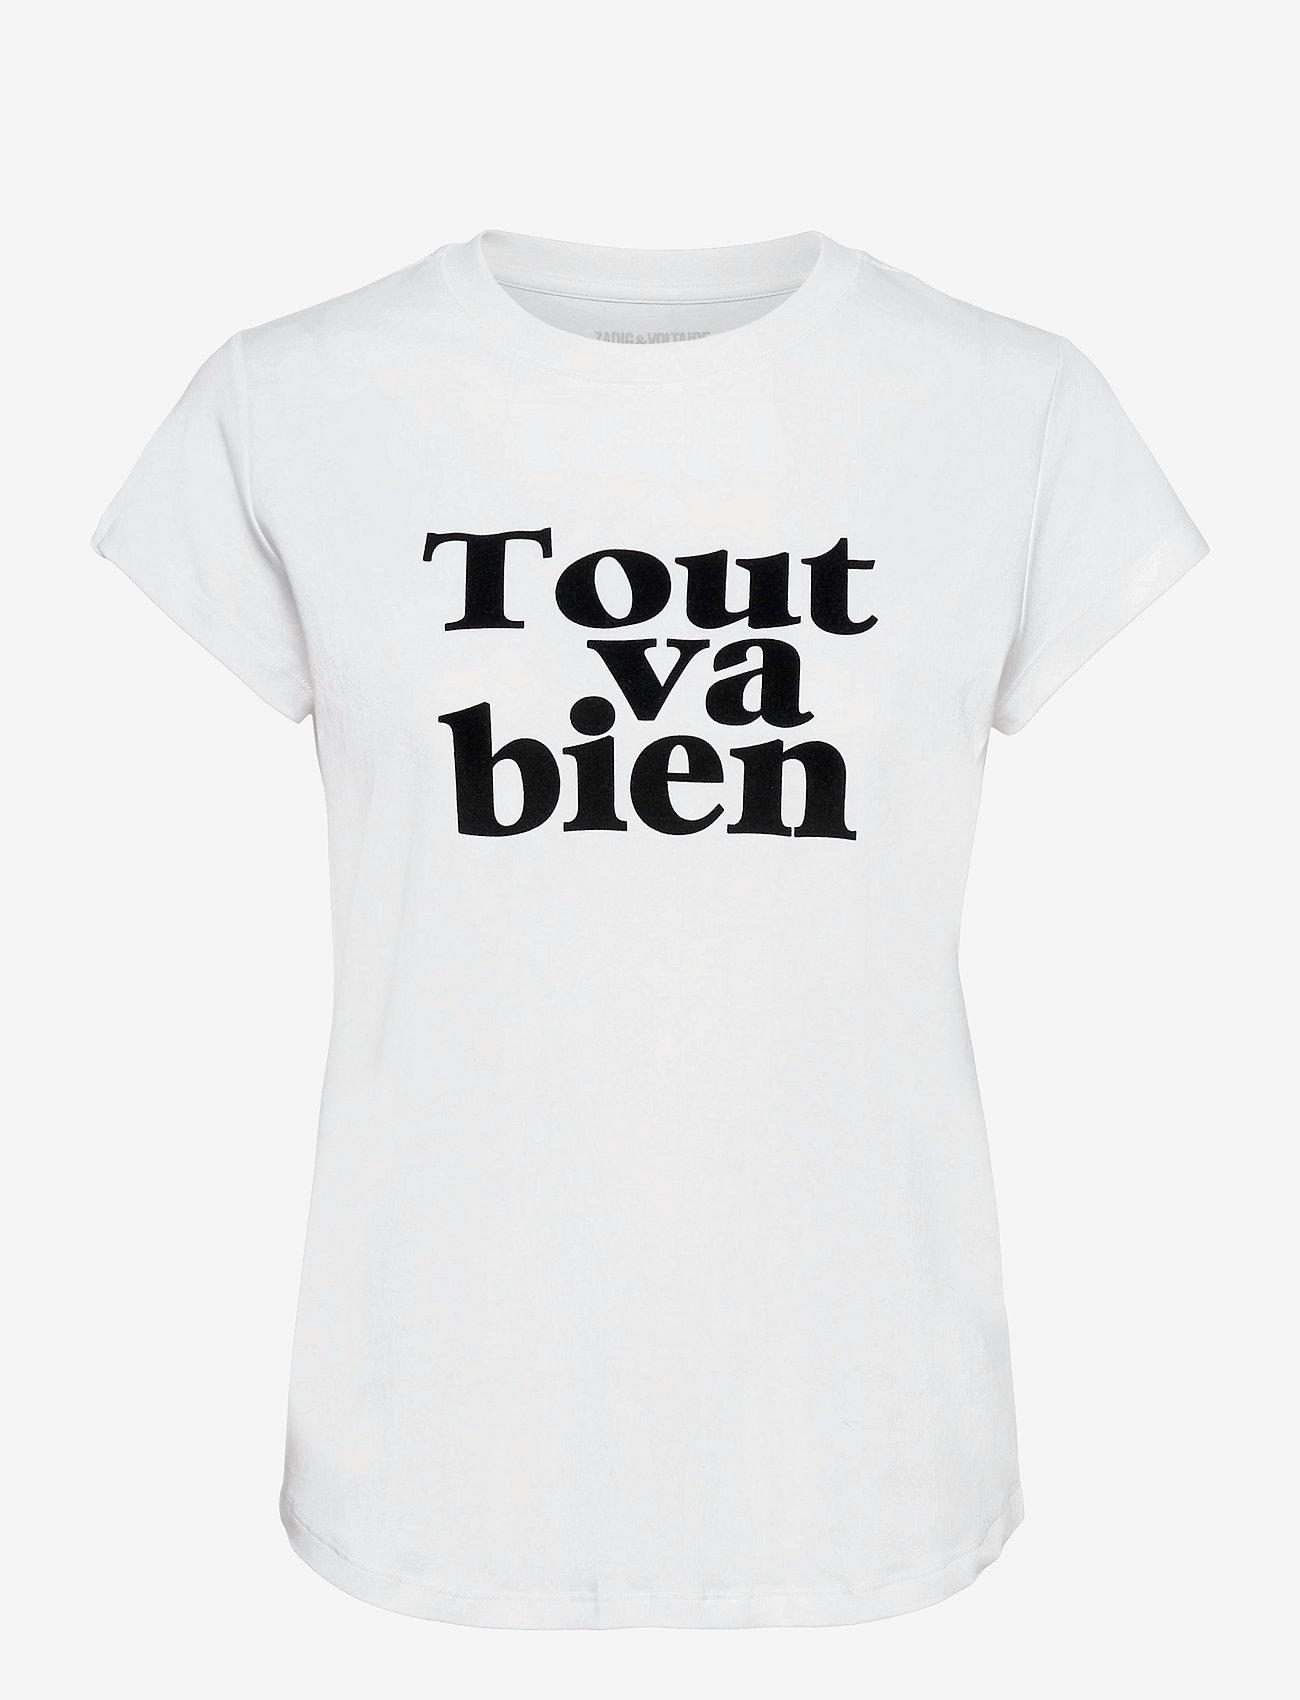 Zadig & Voltaire - WOOP TOUT VA BIEN COTTON T-SHIRT FLOCK - t-shirts - white - 1